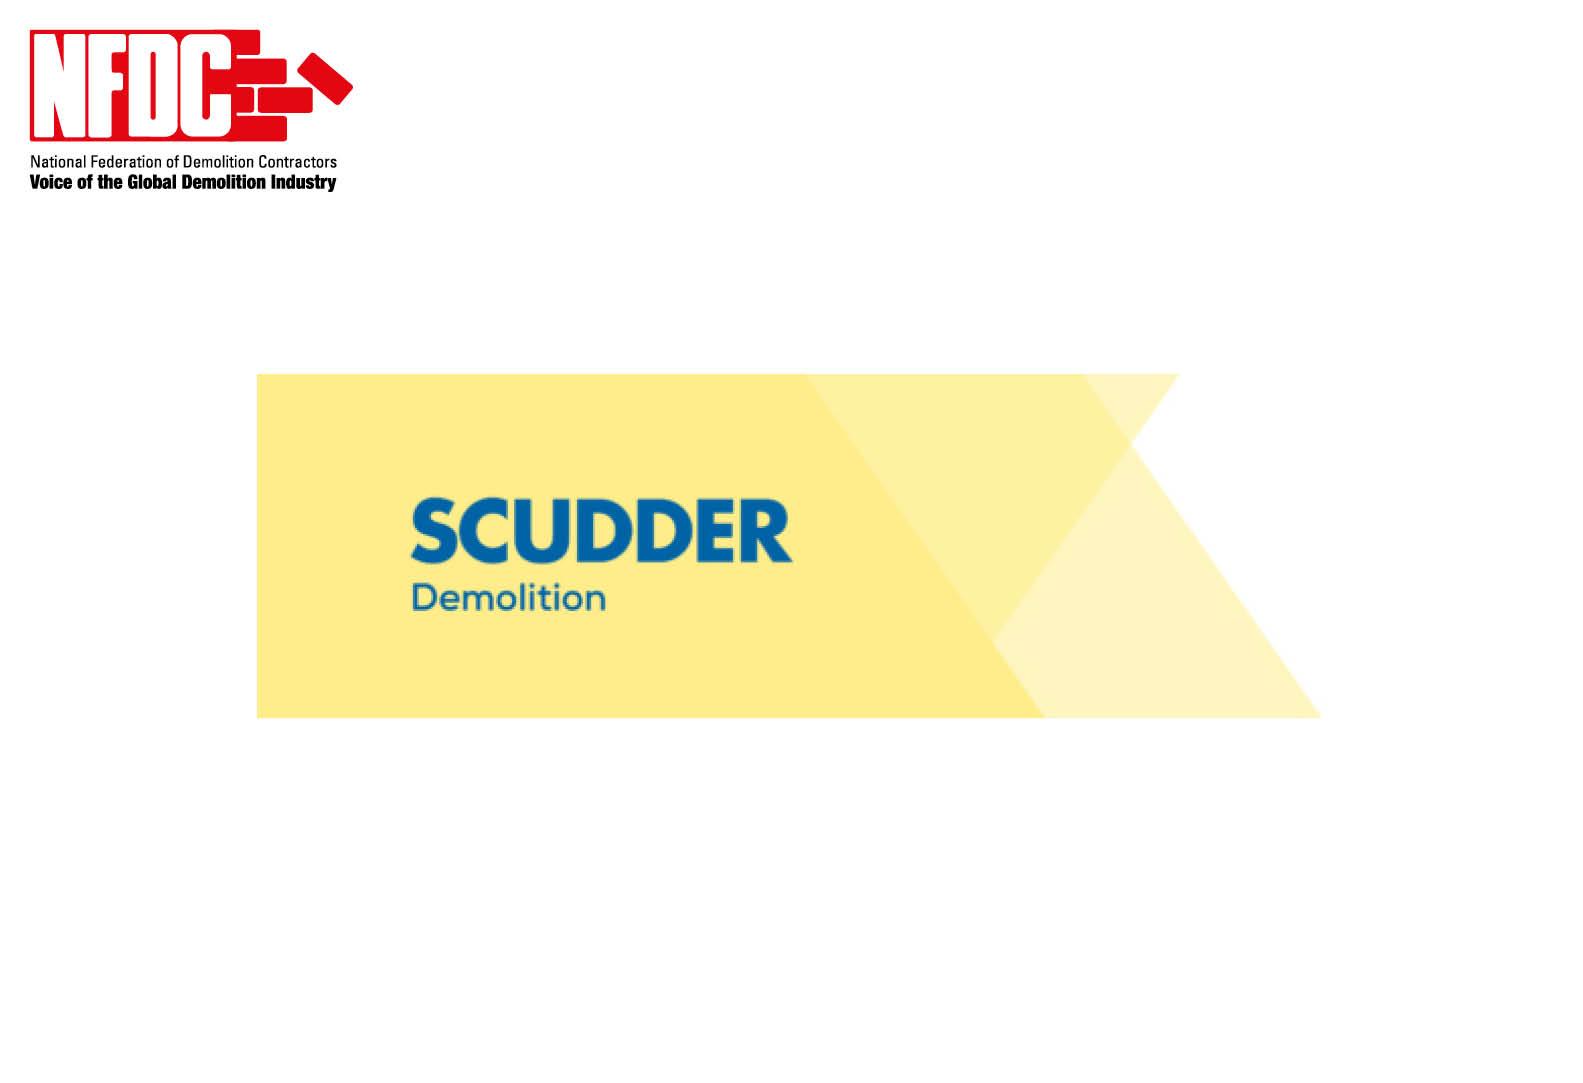 T E Scudder